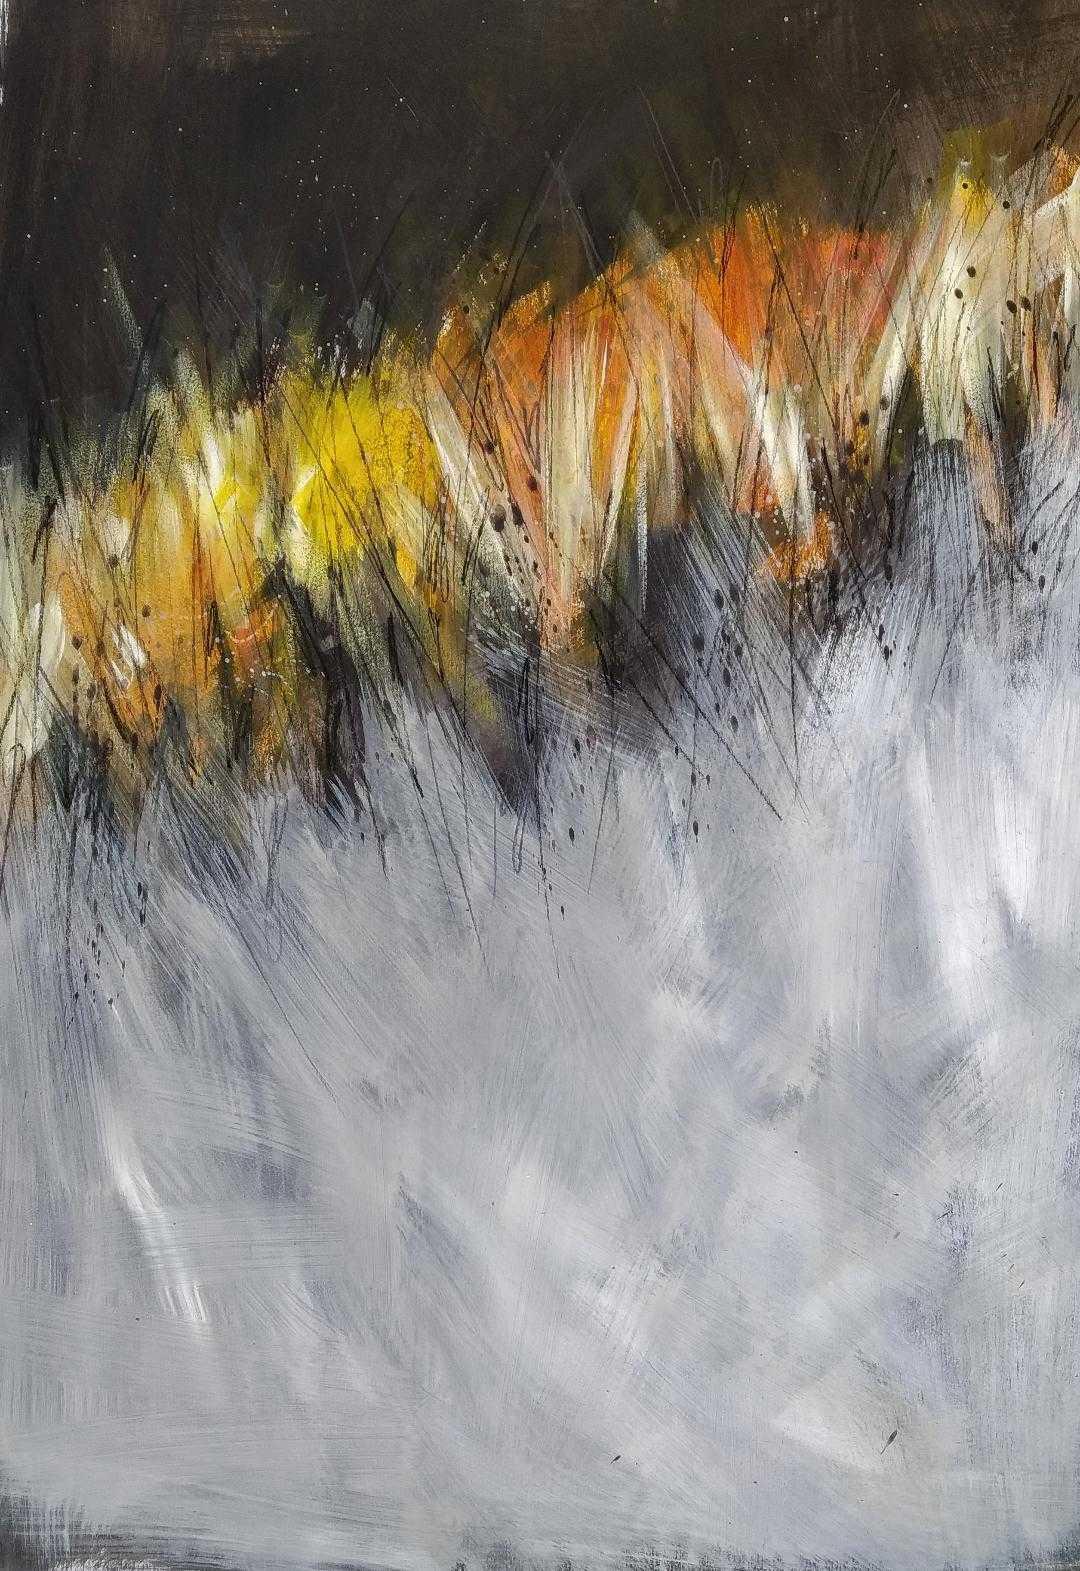 Marija Kapisoda - crtež, 2017. cijena 400€